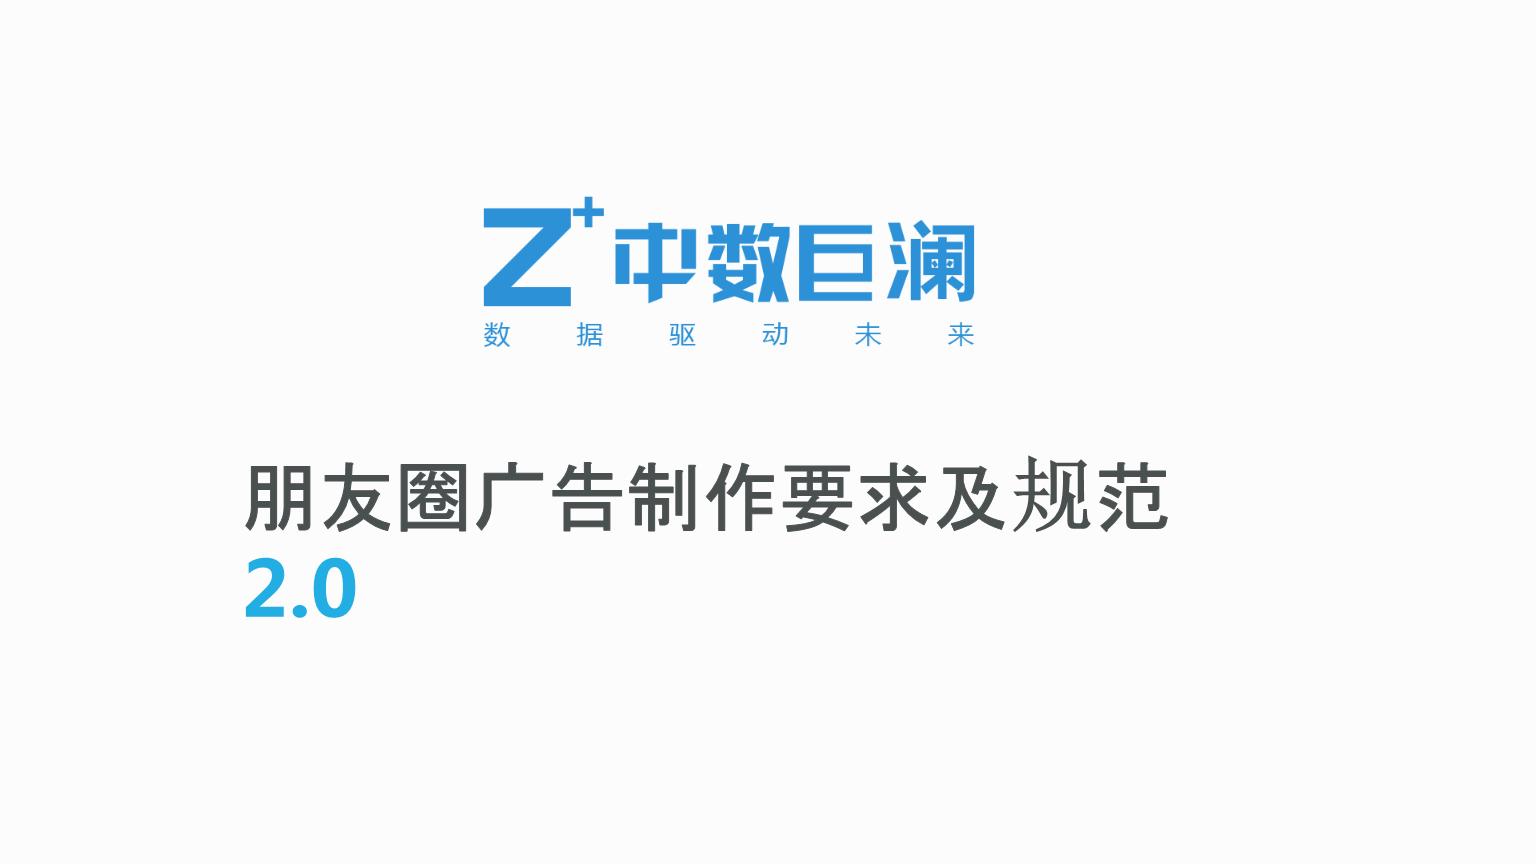 哈尔滨微信朋友圈广告制作规范要求2.0.pptx